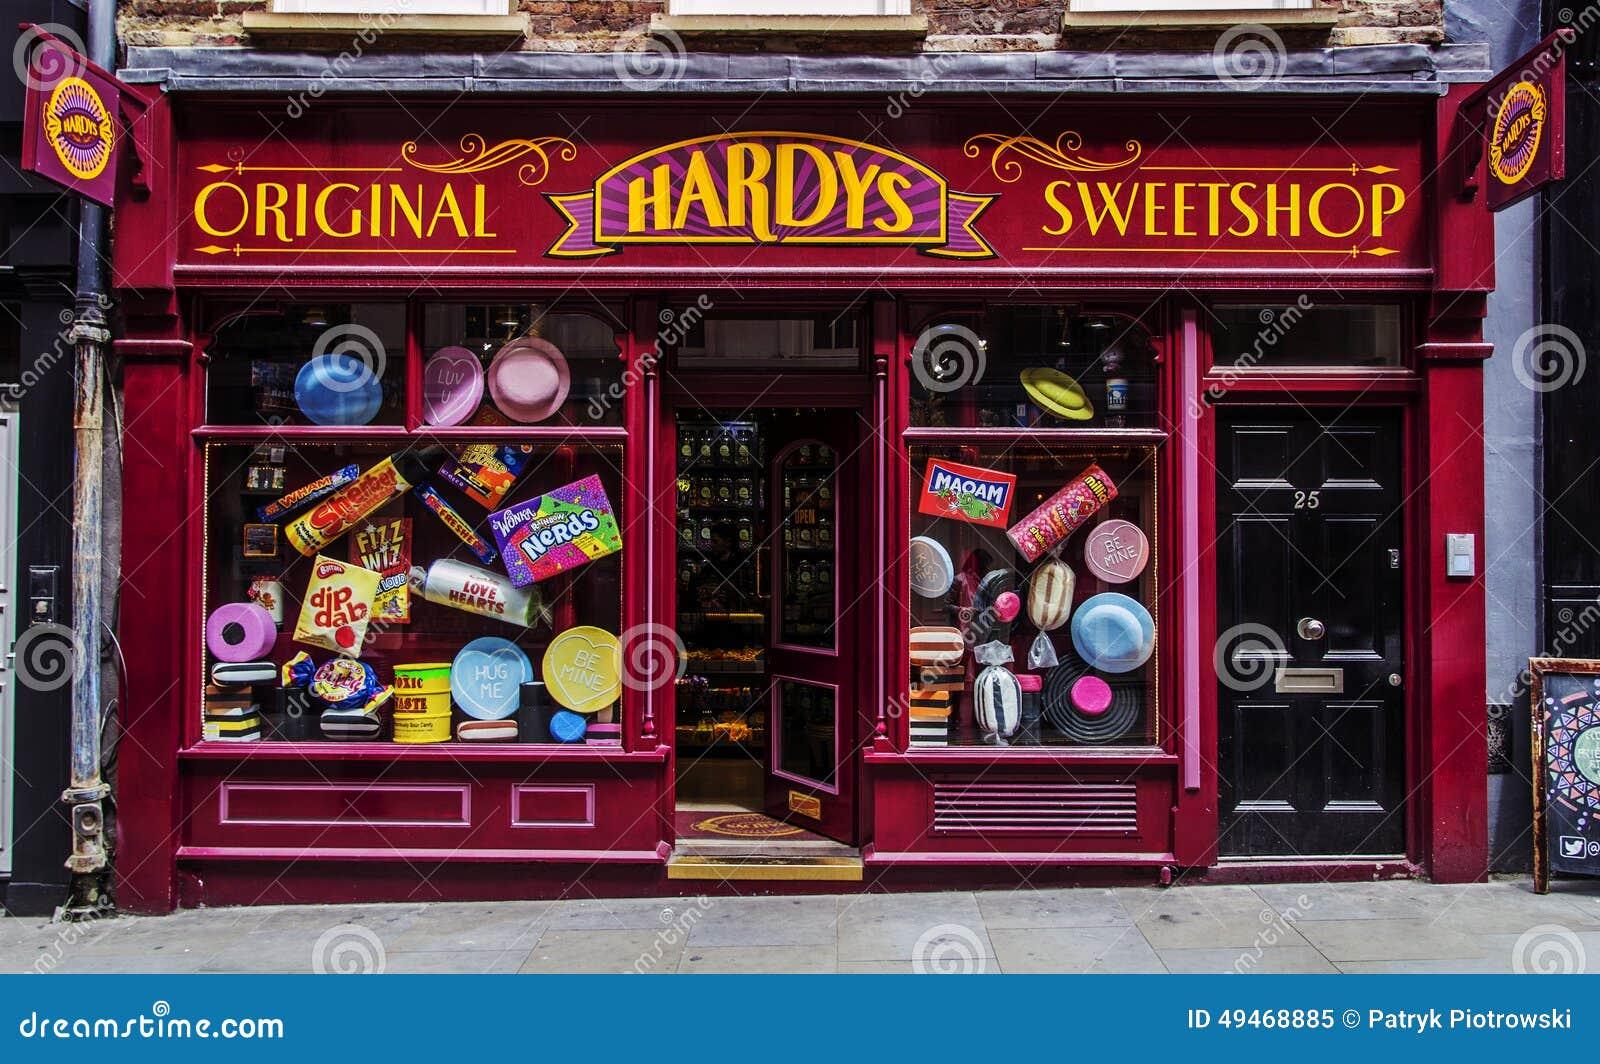 Magasin de bonbons hardys sweetshop de londres d 39 architecture image dito - Magasin de luxe londres ...